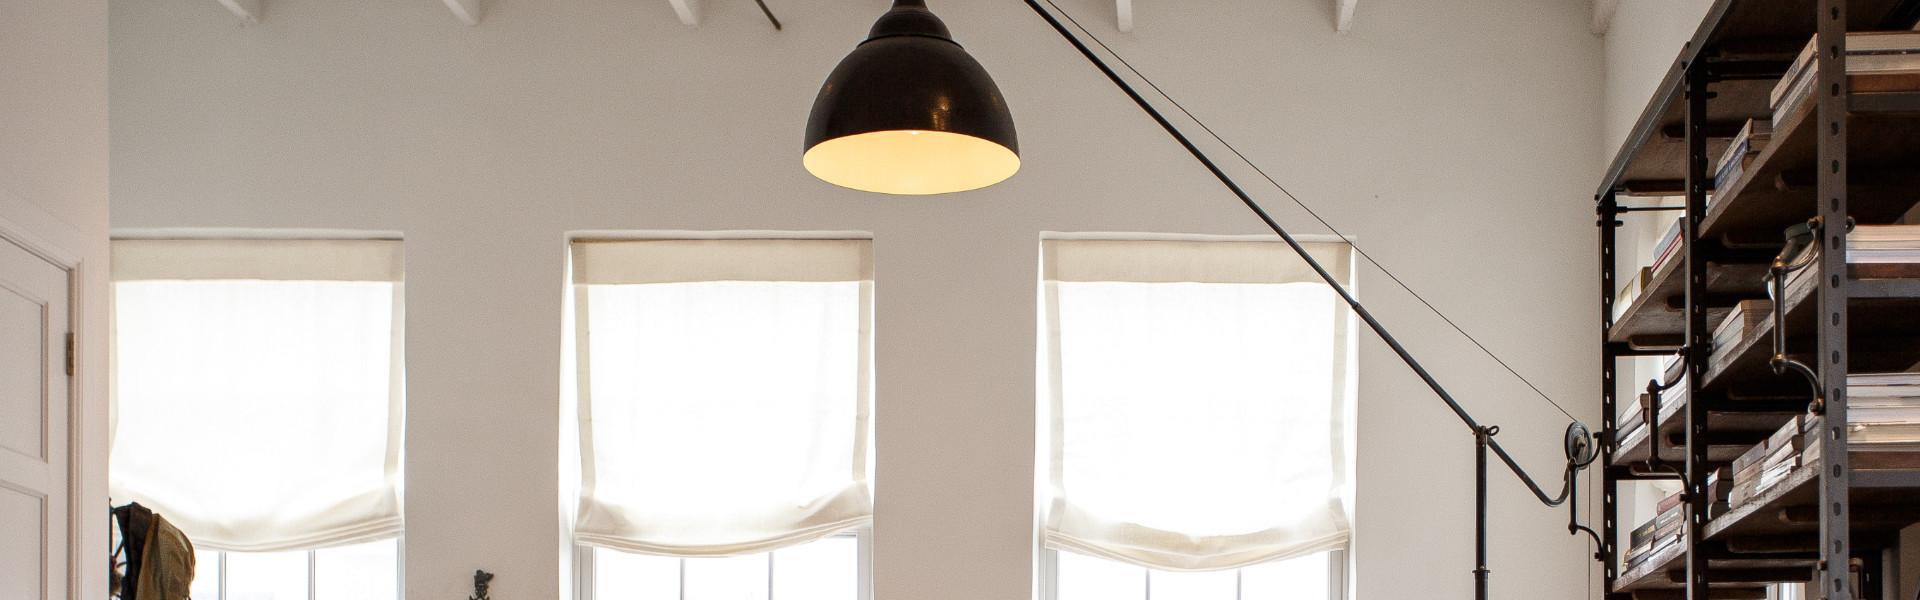 Jak przełamać surowe wnętrze loftowe oświetleniem?